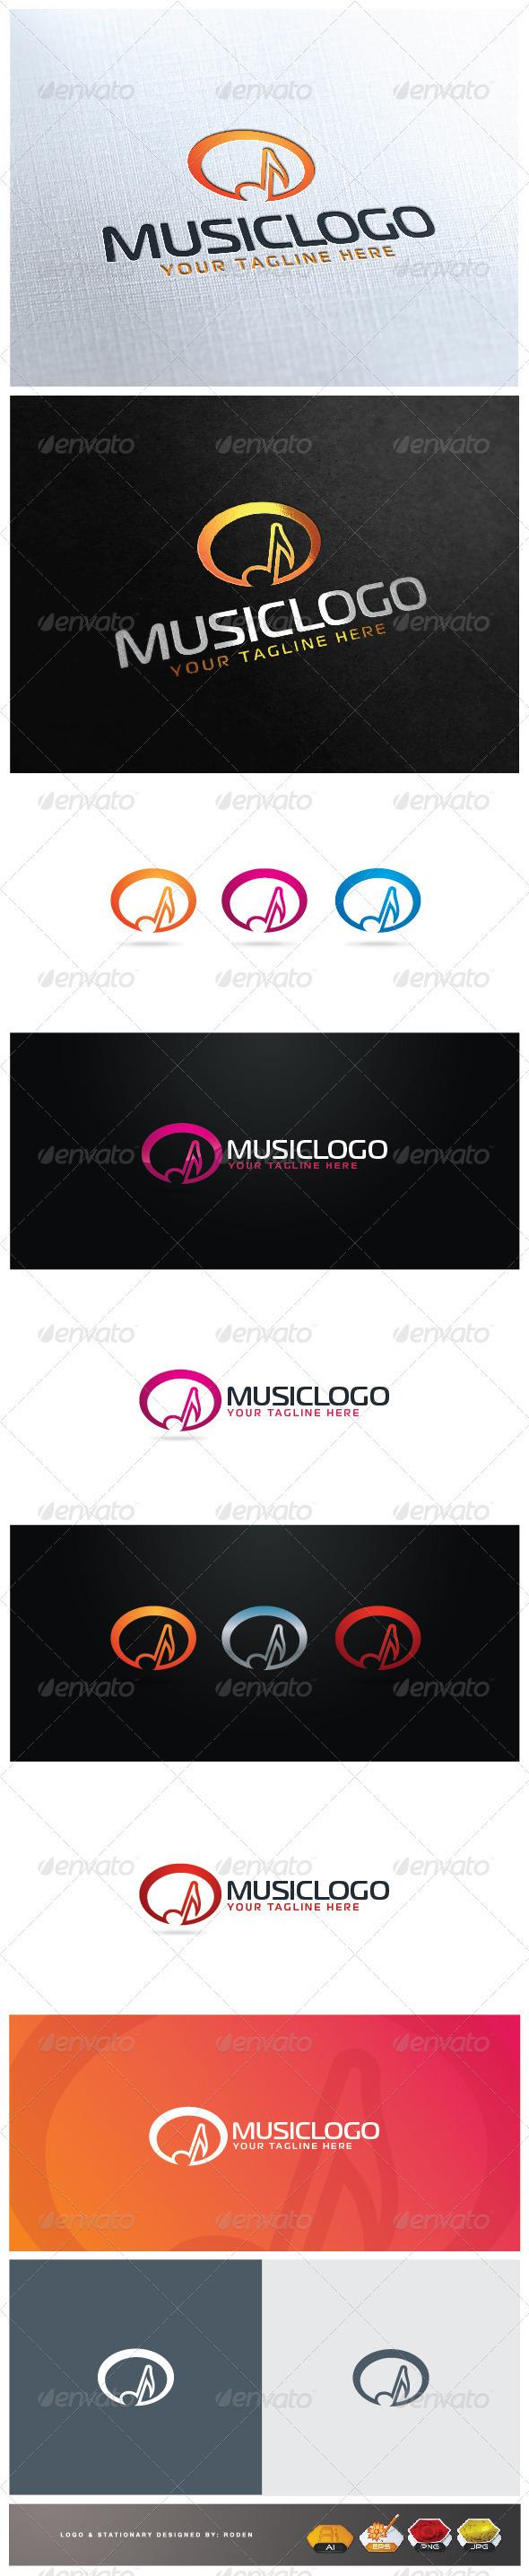 Music Logo - Vector Abstract